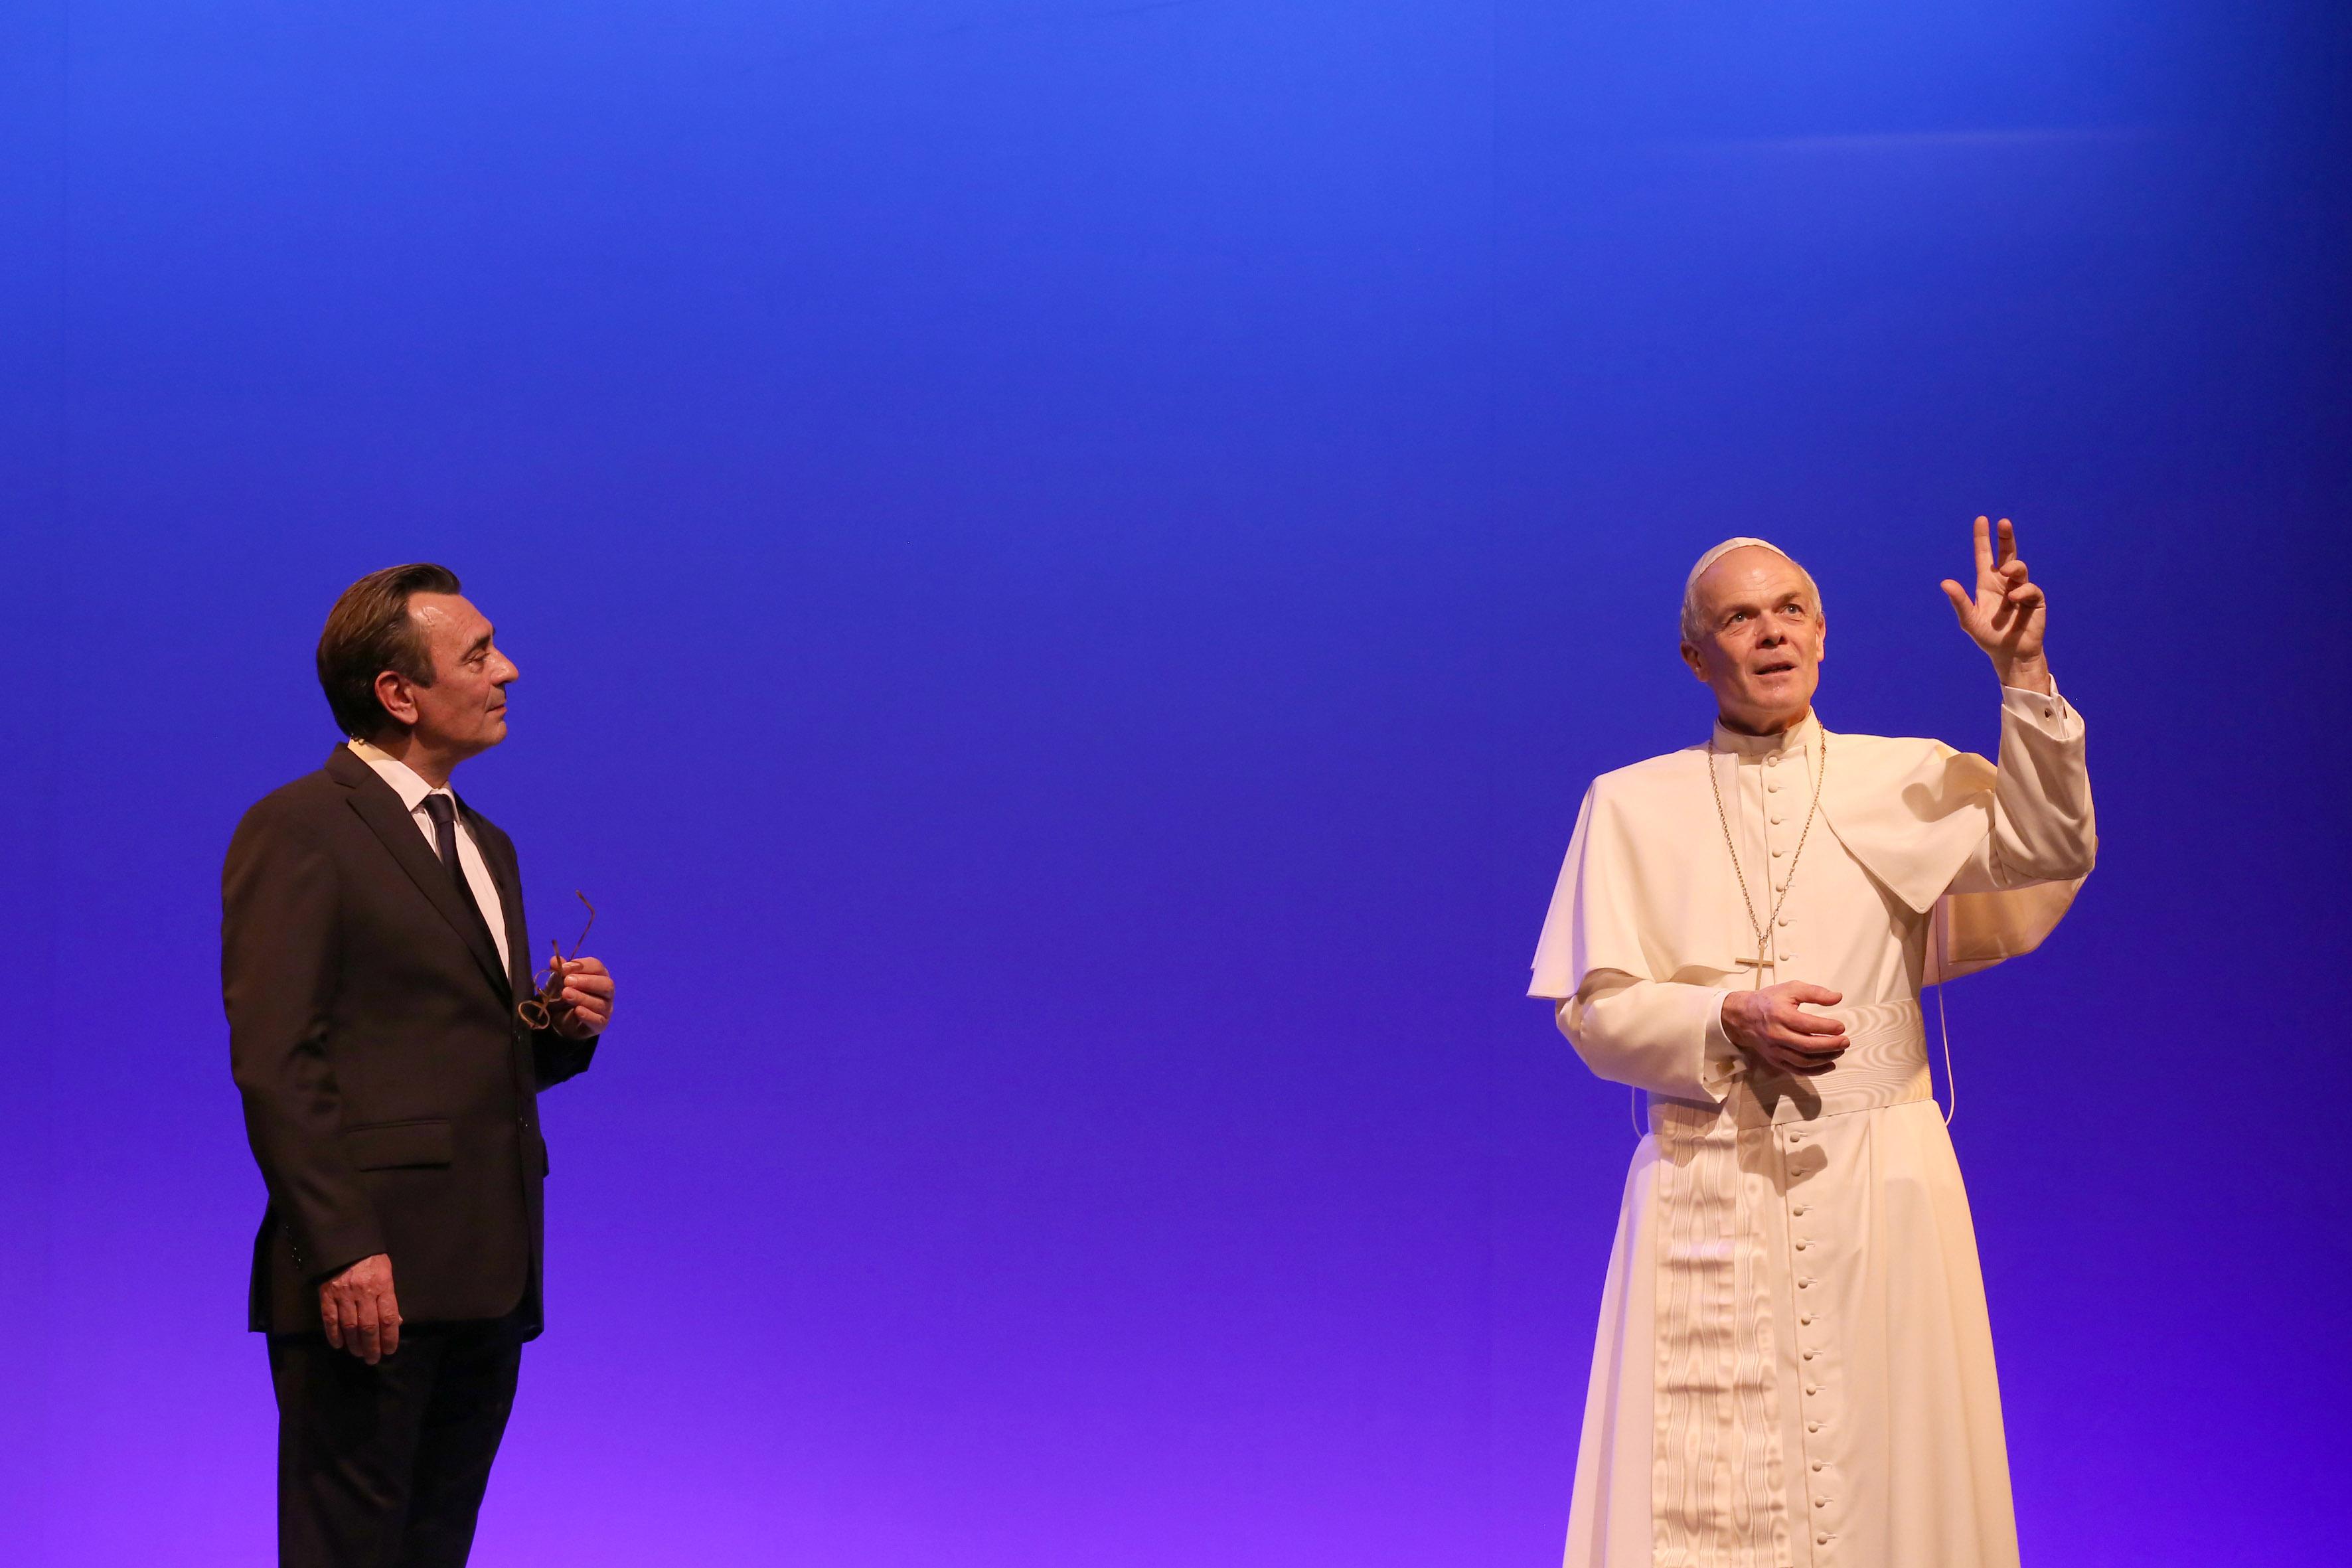 Théâtre «Jean-Paul II – Antoine Vitez: dialogue à Castel Gandolfo» le 7 décembre 2018 à Albi (81)